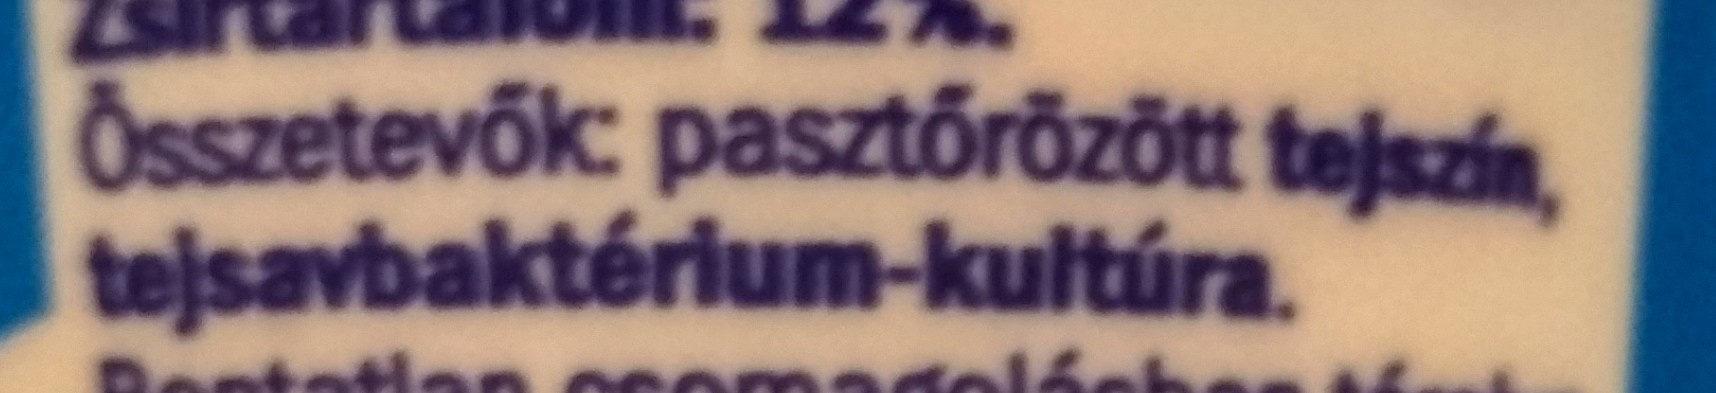 Pilos Tejföl 12% - Ingrédients